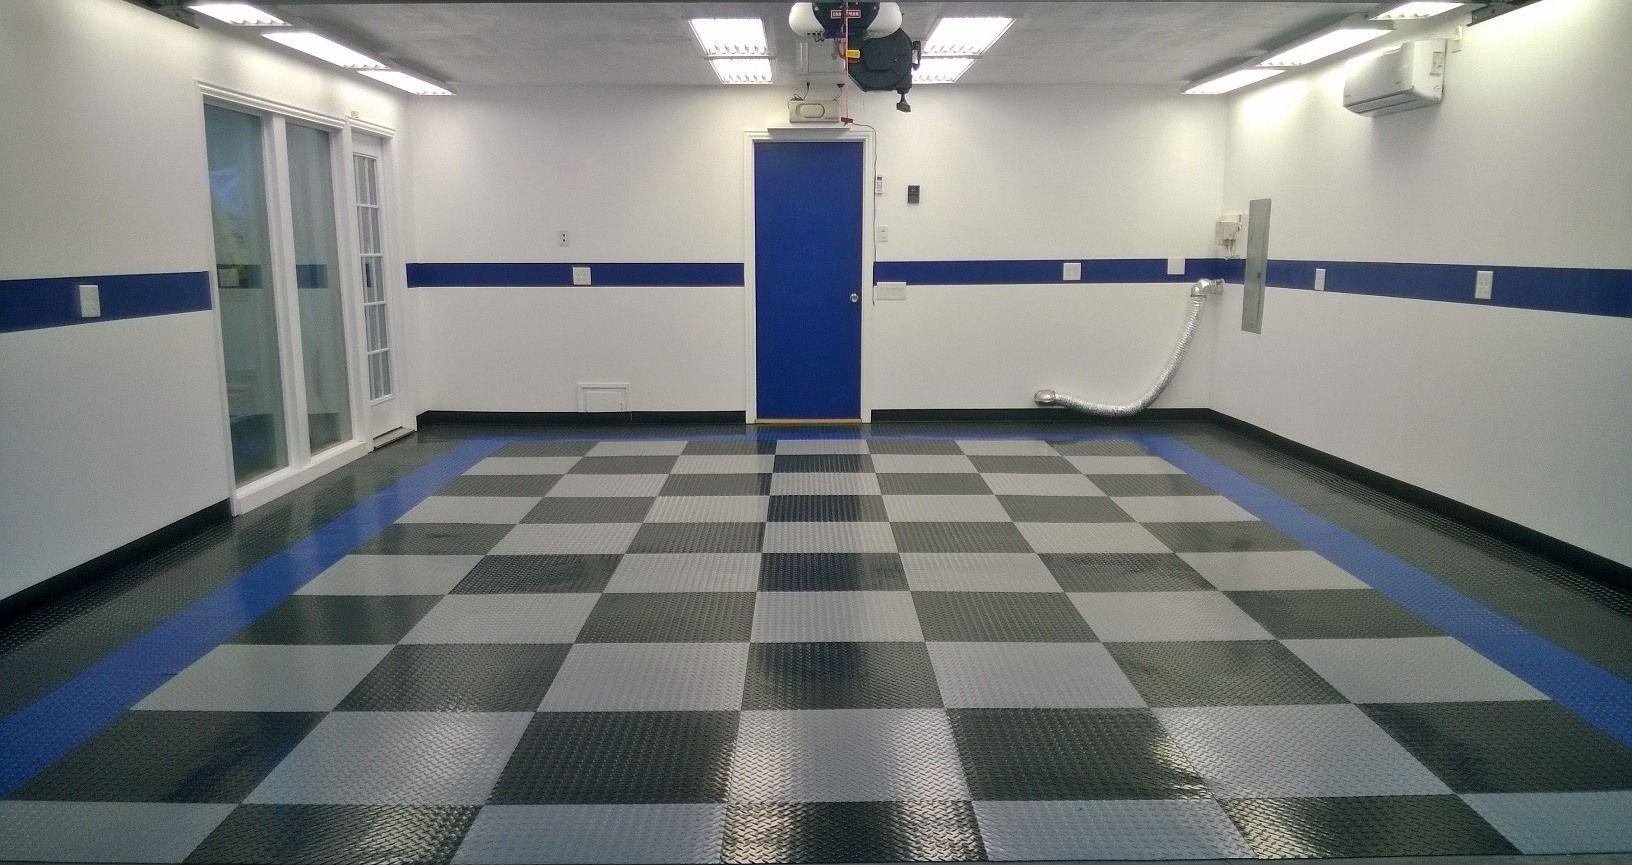 Garage Floor Tiles American Made Truelock Hd Amp Racedeck | Garage floor tiles, Tile floor ...